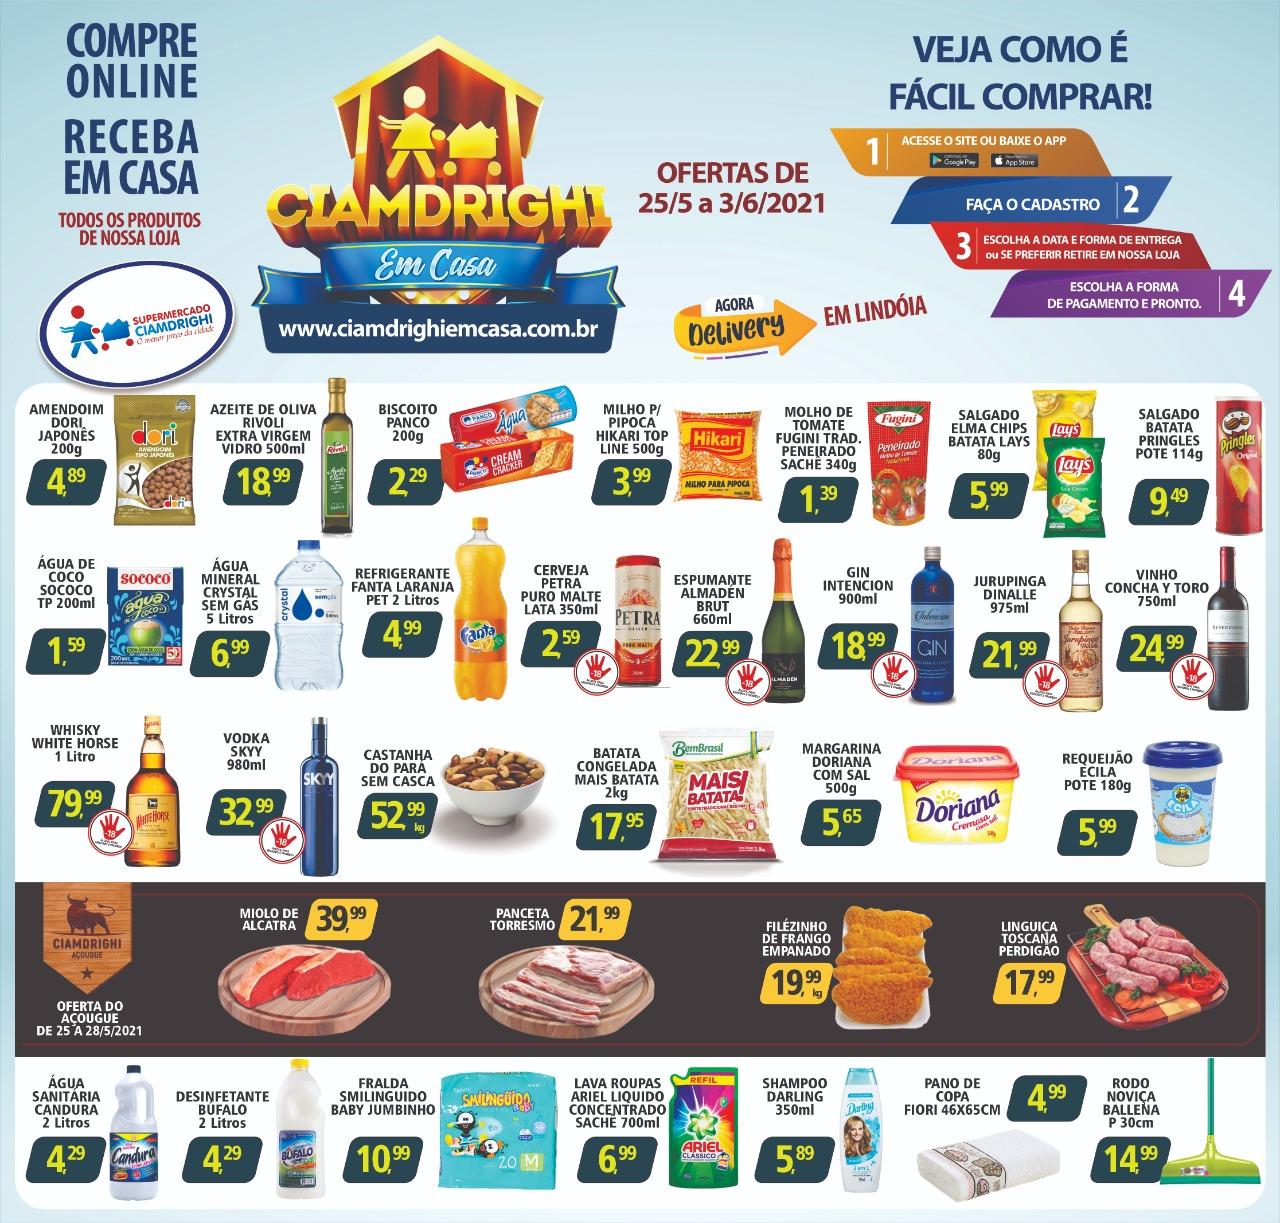 Ciamdrighi tem ofertas no açougue, bebidas, limpeza e higiene para o fim de semana